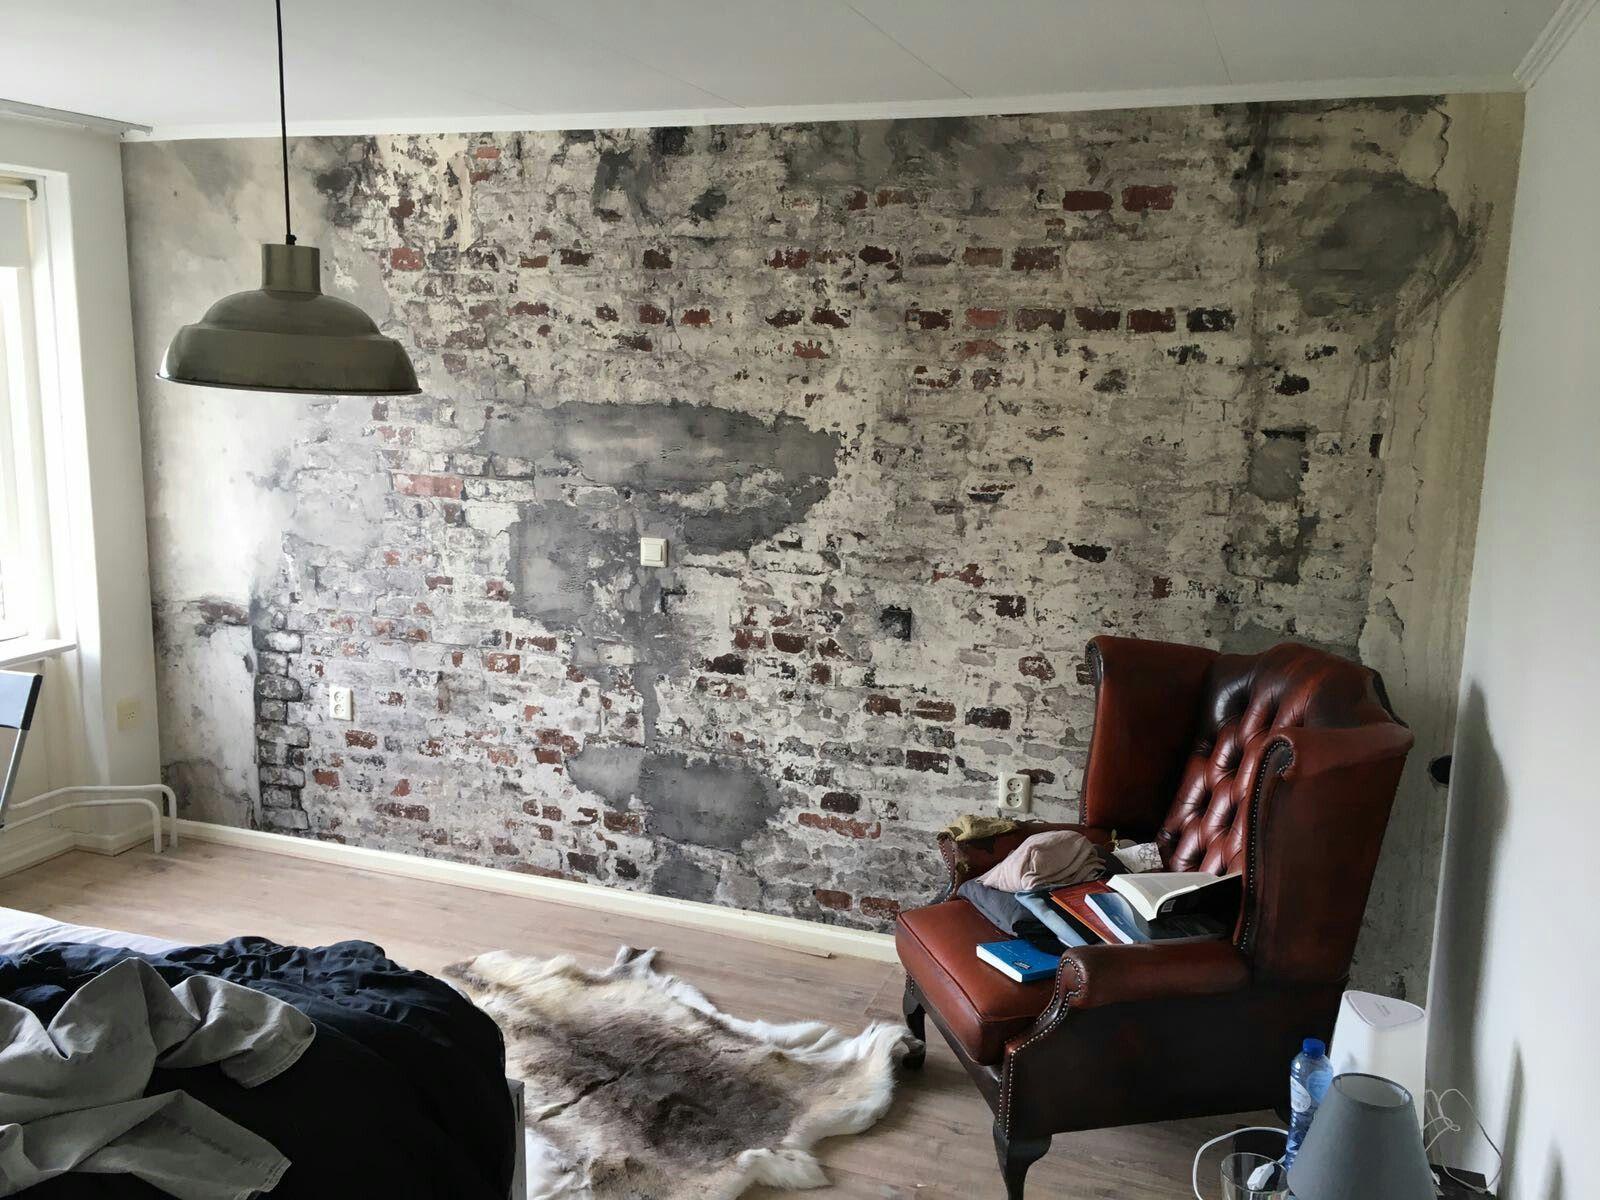 Keuken Behang Afwasbaar : Behang betonlook slaapkamer keuken behang afwasbaar awesome